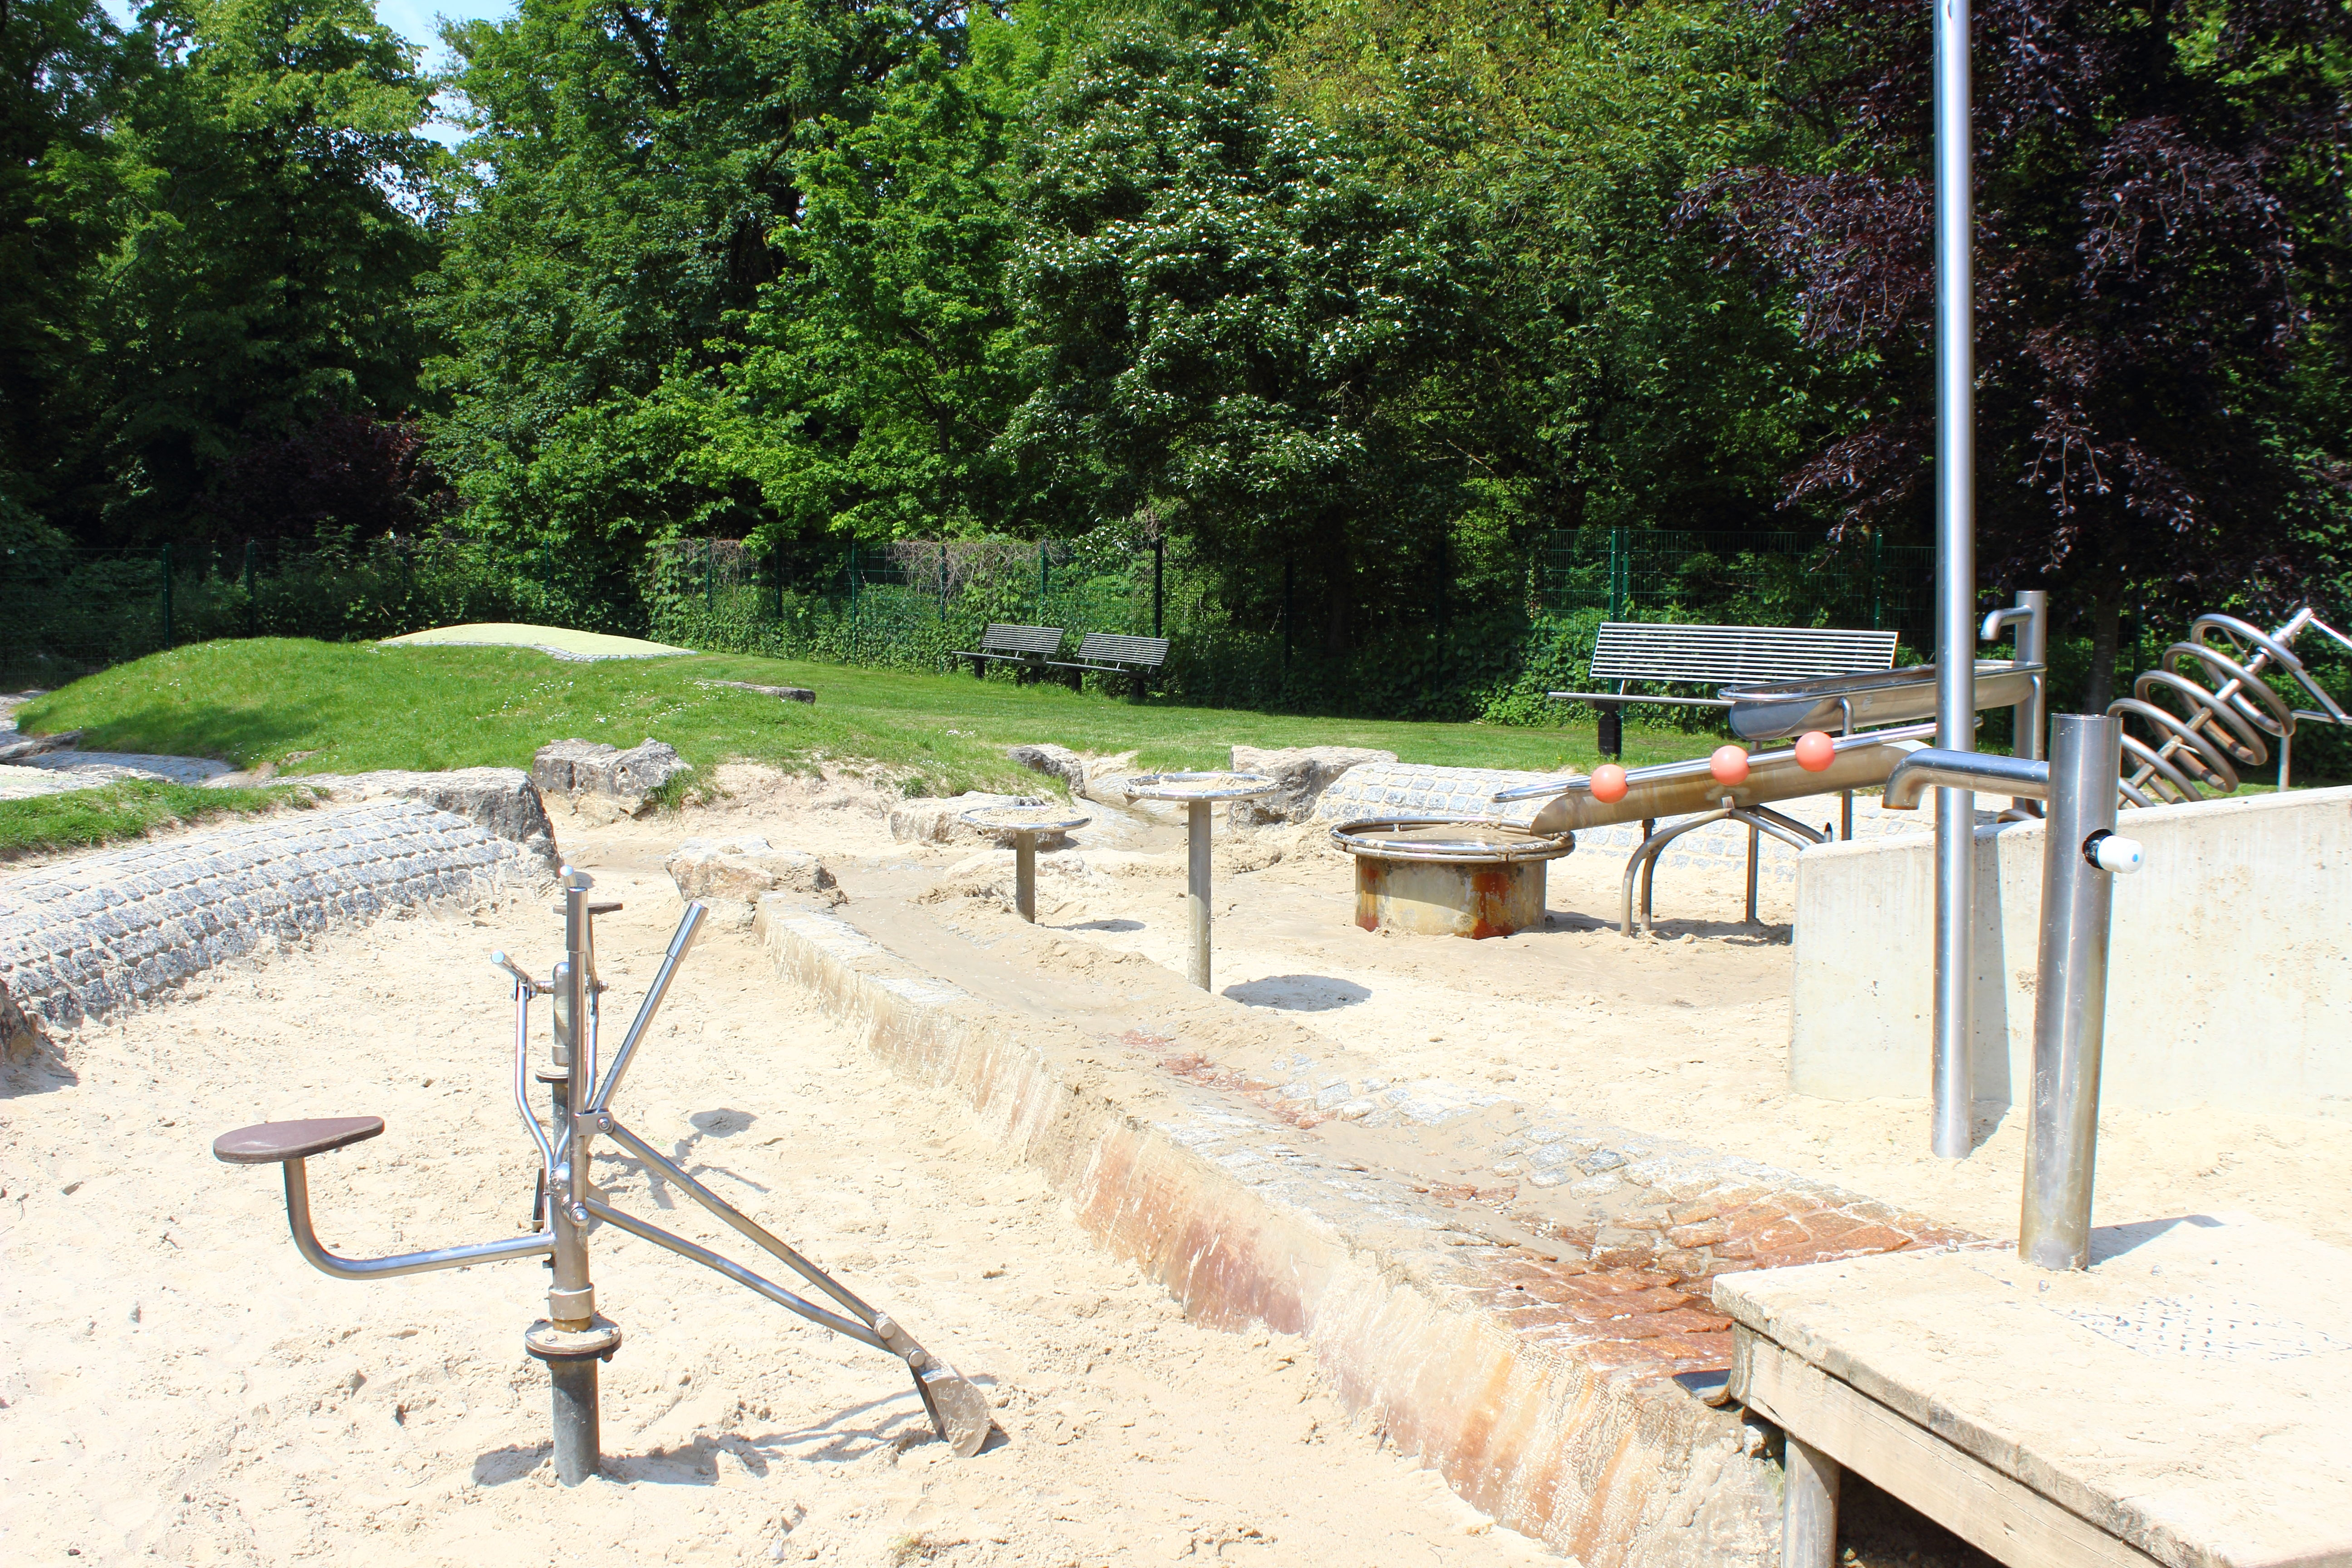 Vier Jahreszeiten Park Oelde Matschspielplatz